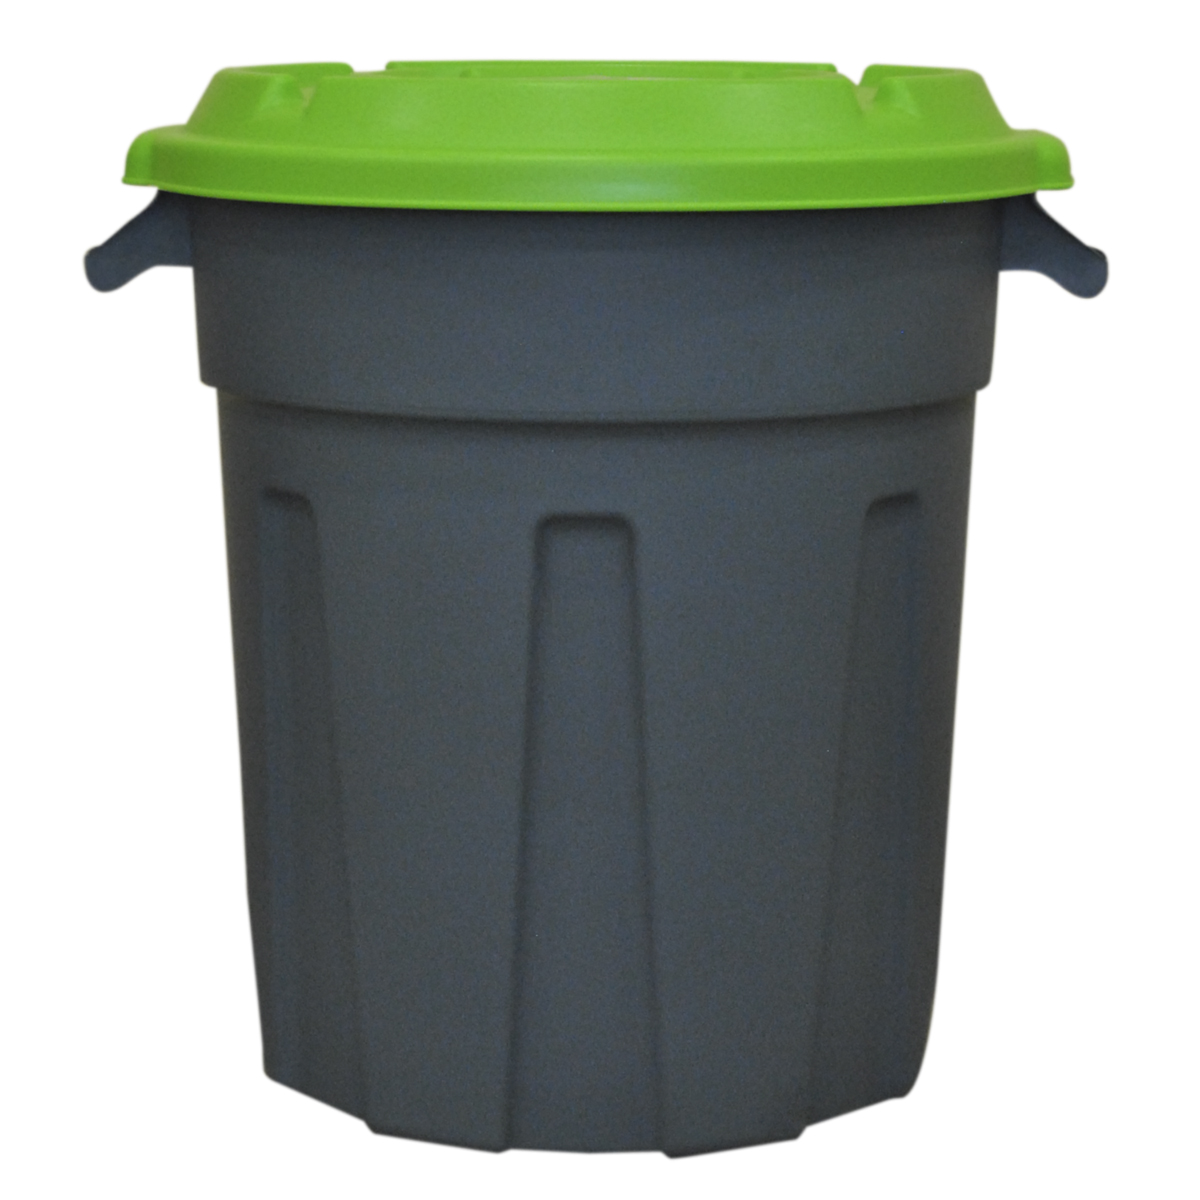 Мусорный бак InGreen, с крышкой, 80 лING6180Пластиковый мусорный бак InGreen предназначен для применения в быту. Изготовлен из материала, обеспечивающего изделию повышенную прочность. Крышка бака обеспечивает плотное закрывание. На дне бака предусмотрена площадка для установки колес.Размер изделия: 57,3 х 50,2 х 67,5 см.